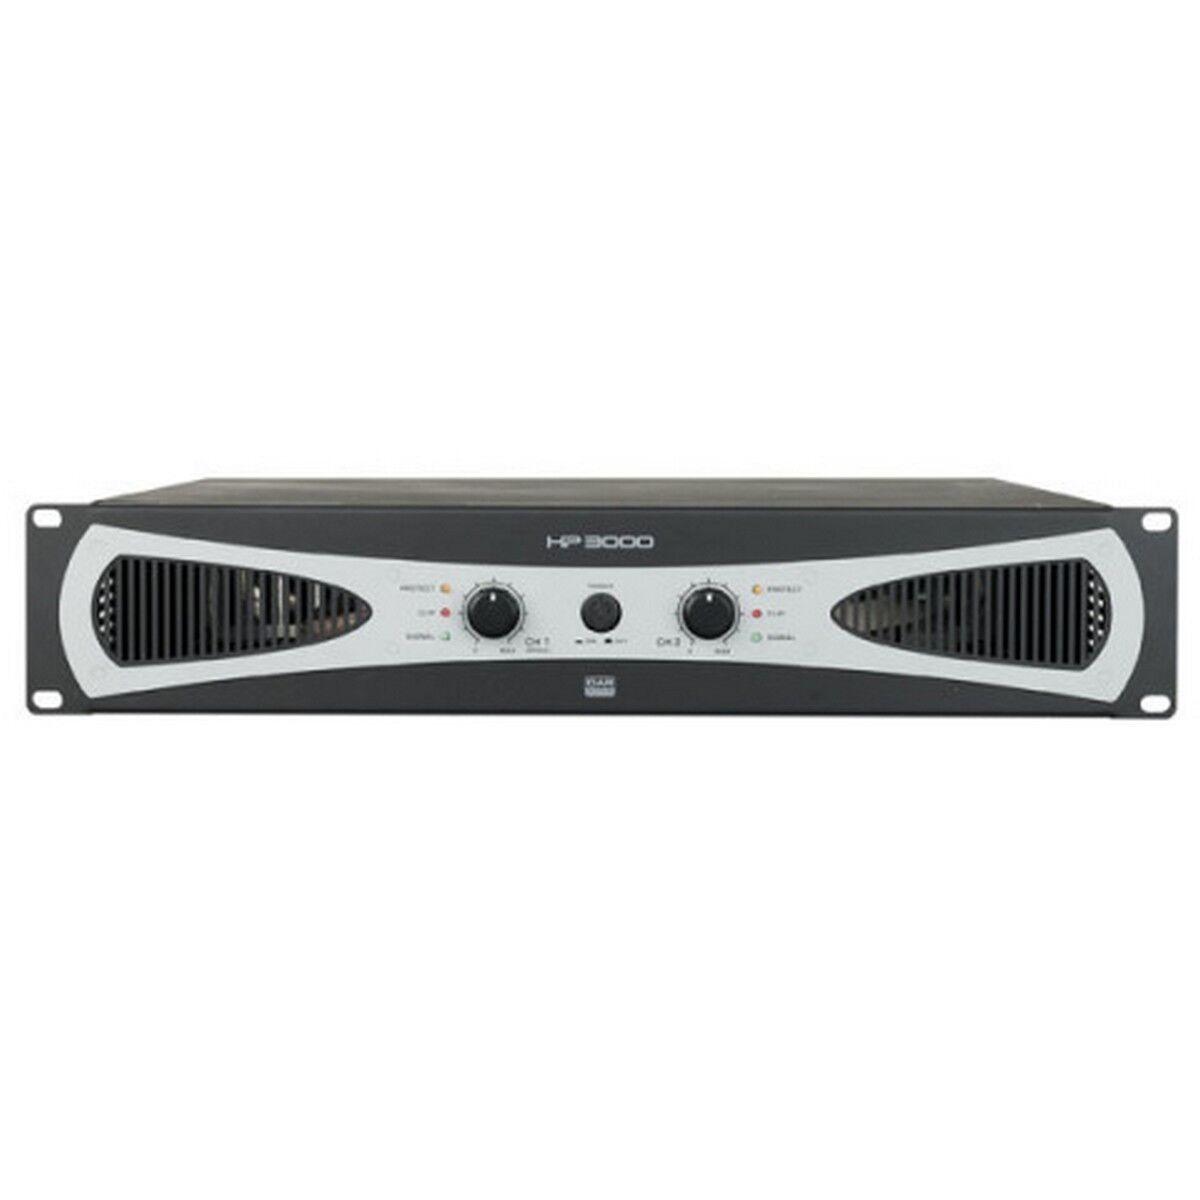 economico e di alta qualità DAP HP-3000 2U 2 amplificatore da 1400W 1400W 1400W  Senza tasse